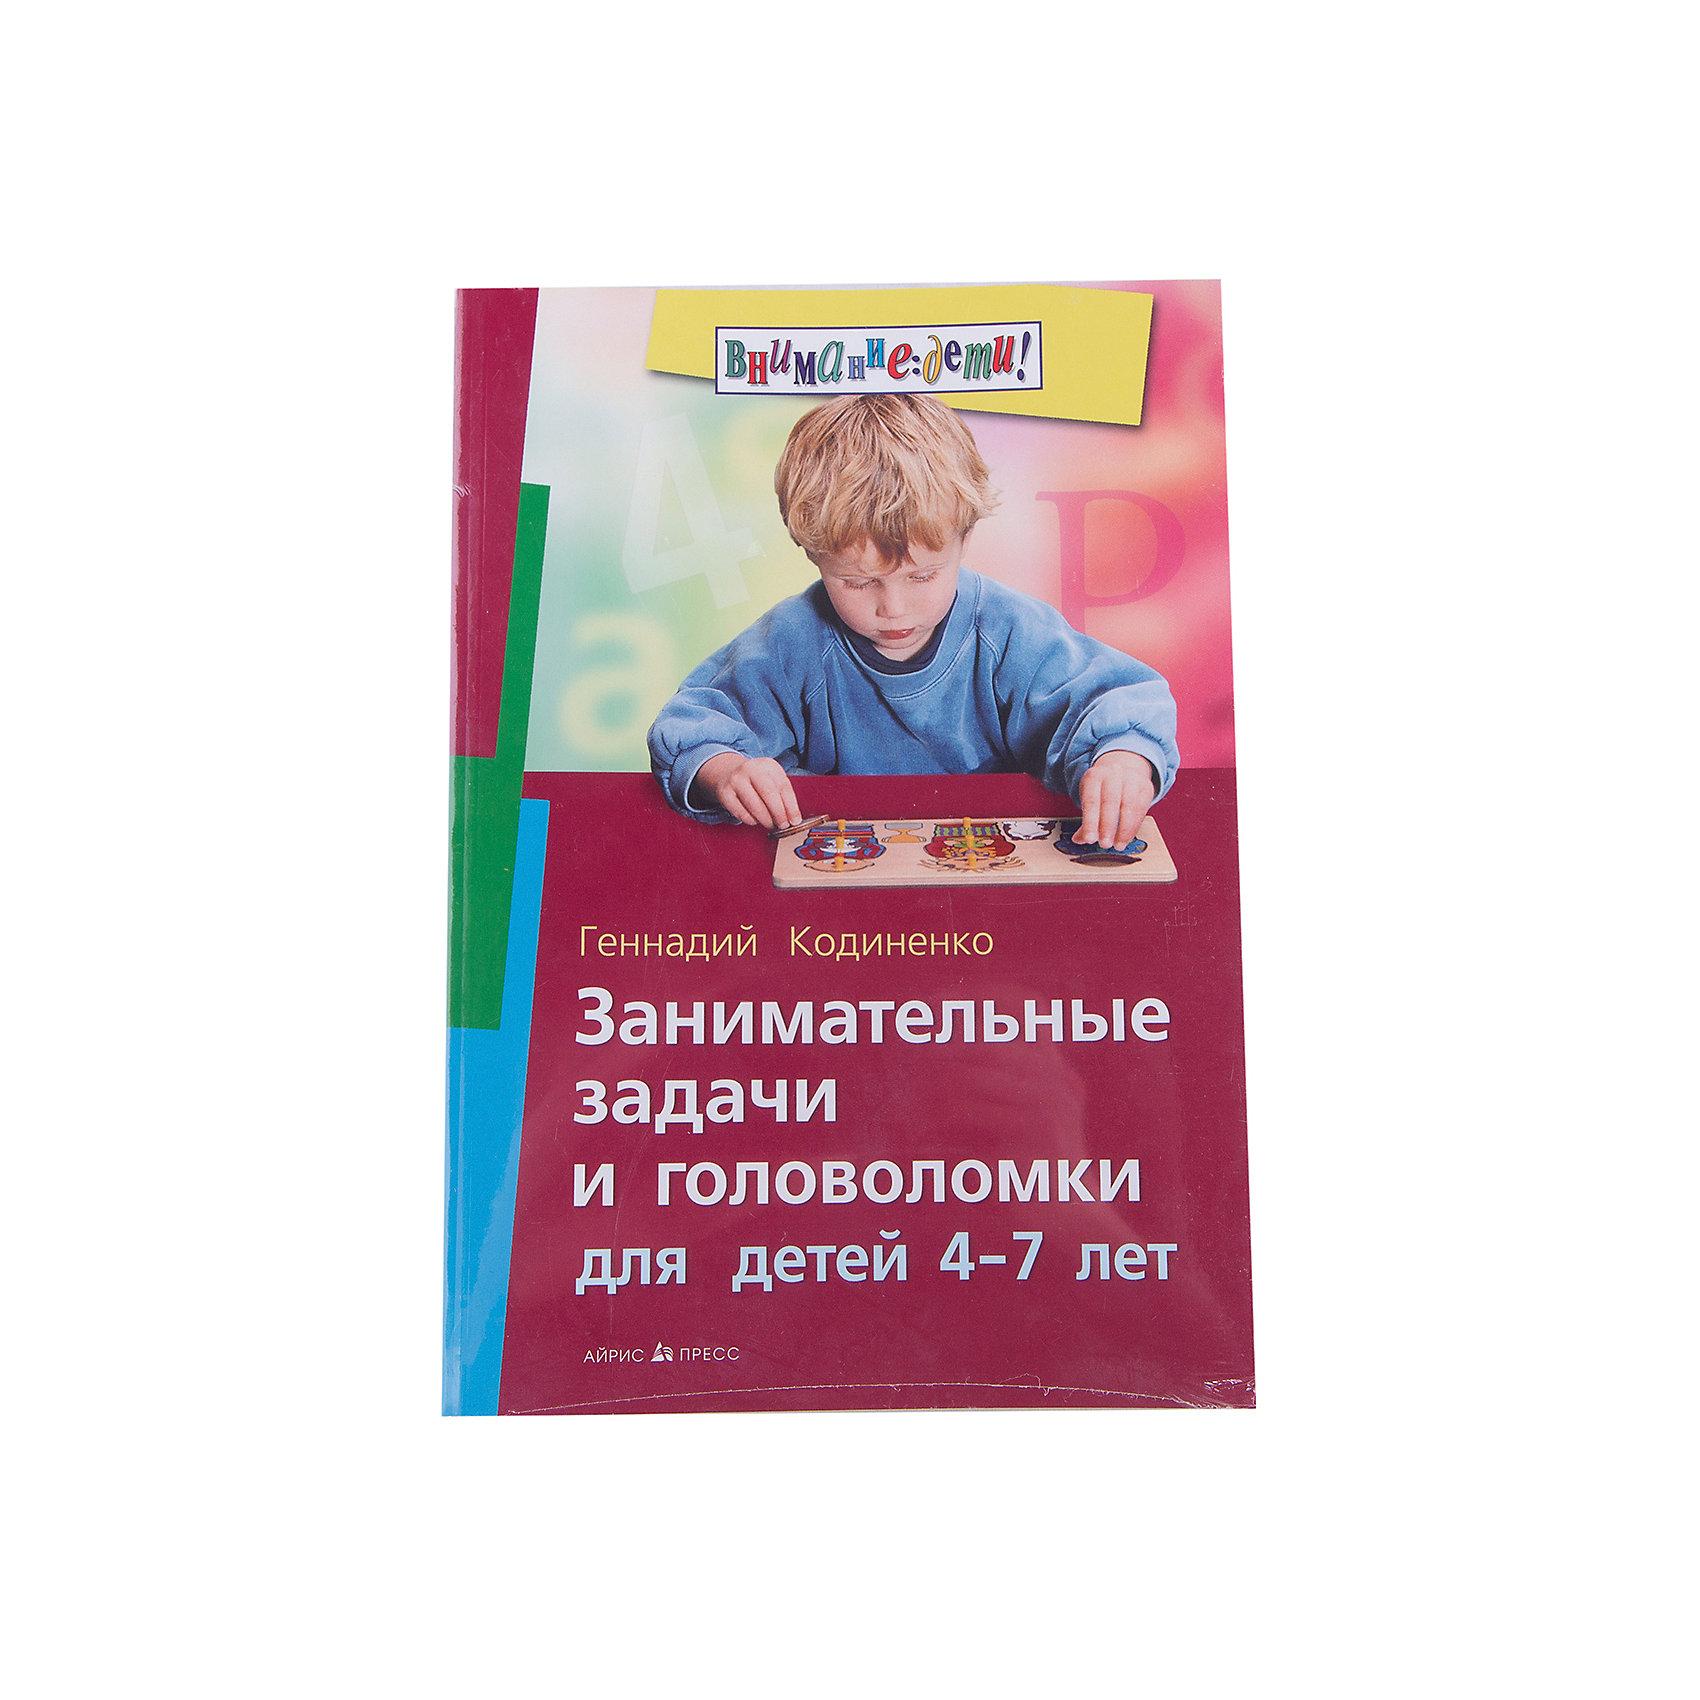 Занимательные задачи и головоломки для детей 4-7 лет, Кодиненко Г.Ф.Тесты и задания<br>Характеристики товара:<br><br>• возраст: от 4 лет<br>• автор: Кодиненко Г.Ф.<br>• издательство: Айрис-Пресс<br>• серия: Внимание, дети!<br>• тип обложки: мягкий переплет<br>• иллюстрации: черно-белые<br>• количество страниц: 112<br>• размер: 23,5х16,5х1 см.<br>• вес: 159 гр.<br>• ISBN: 9785811263080<br><br>В книге собраны разнообразные занимательные задания для детей: головоломки, кроссворды, загадки, метаграммы, логогрифы. Веселые герои предлагают разобраться в перепутанных линиях, найти отличия на картинках, дорисовать симметричную фигуру, исправить ошибки художника, найти одинаковые рисунки. С помощью увлекательной игры ребенок будет тренировать внимание, сообразительность, умение логически мыслить.<br><br>Издание адресовано родителям, работникам дошкольных учреждений для занятия с детьми 4-7 лет.<br><br>Книгу Занимательные задачи и головоломки для детей 4-7 лет, Кодиненко Г.Ф. можно купить в нашем интернет-магазине.<br><br>Ширина мм: 10<br>Глубина мм: 165<br>Высота мм: 235<br>Вес г: 159<br>Возраст от месяцев: 48<br>Возраст до месяцев: 84<br>Пол: Унисекс<br>Возраст: Детский<br>SKU: 6849663